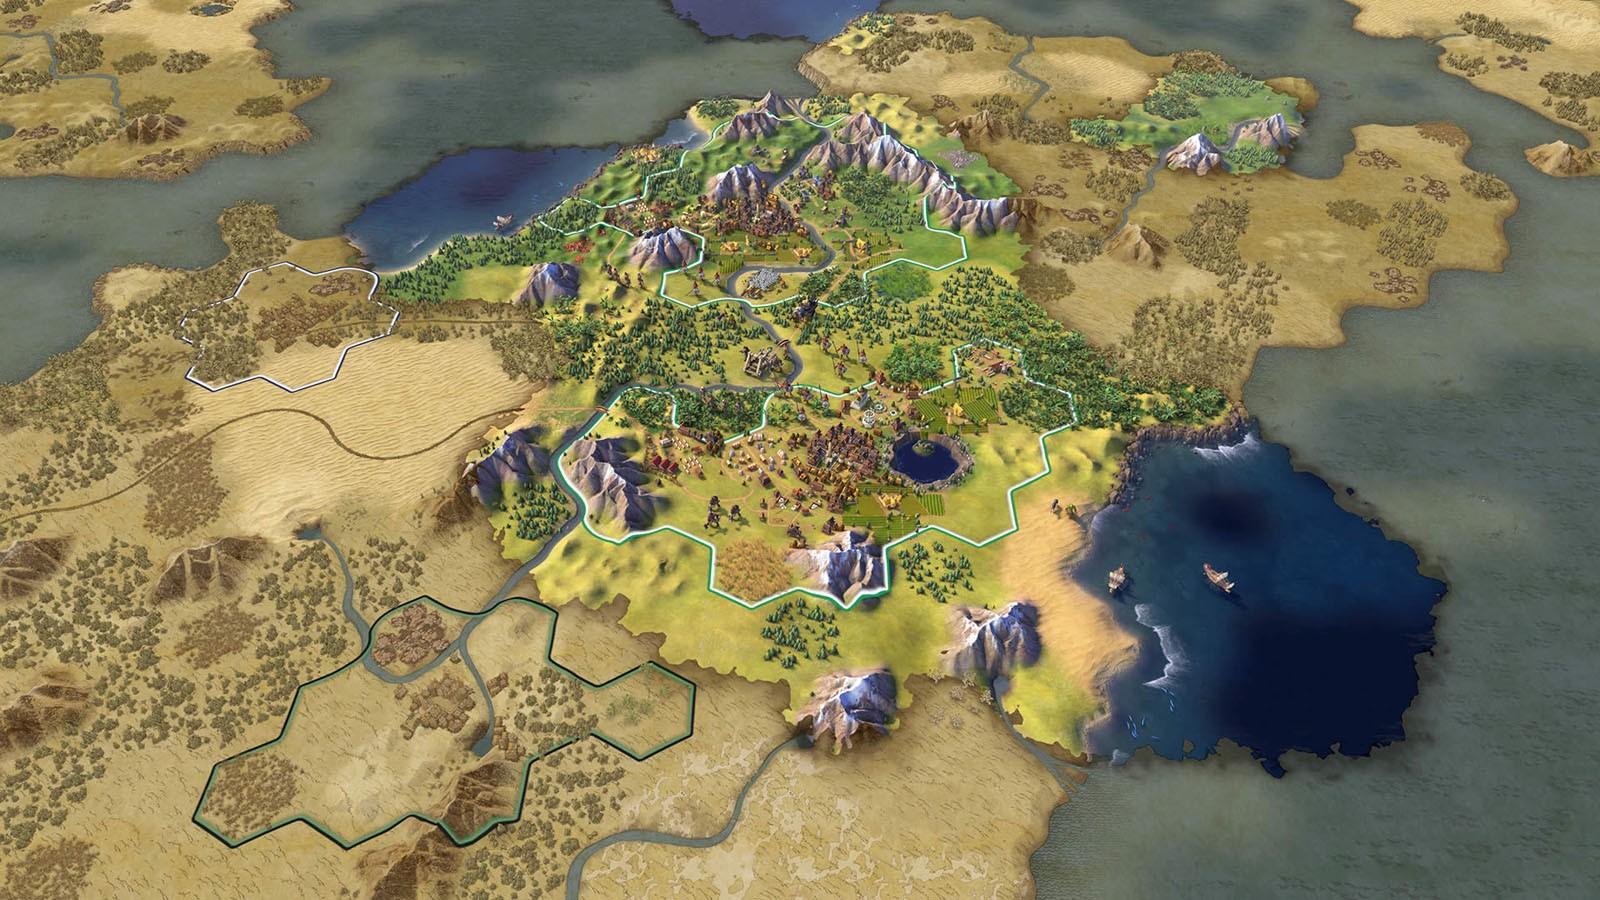 Скриншот к игре Sid Meier's Civilization VI: Digital Deluxe [v 1.0.0.220 + DLC's] (2016) PC | RePack от R.G. Механики